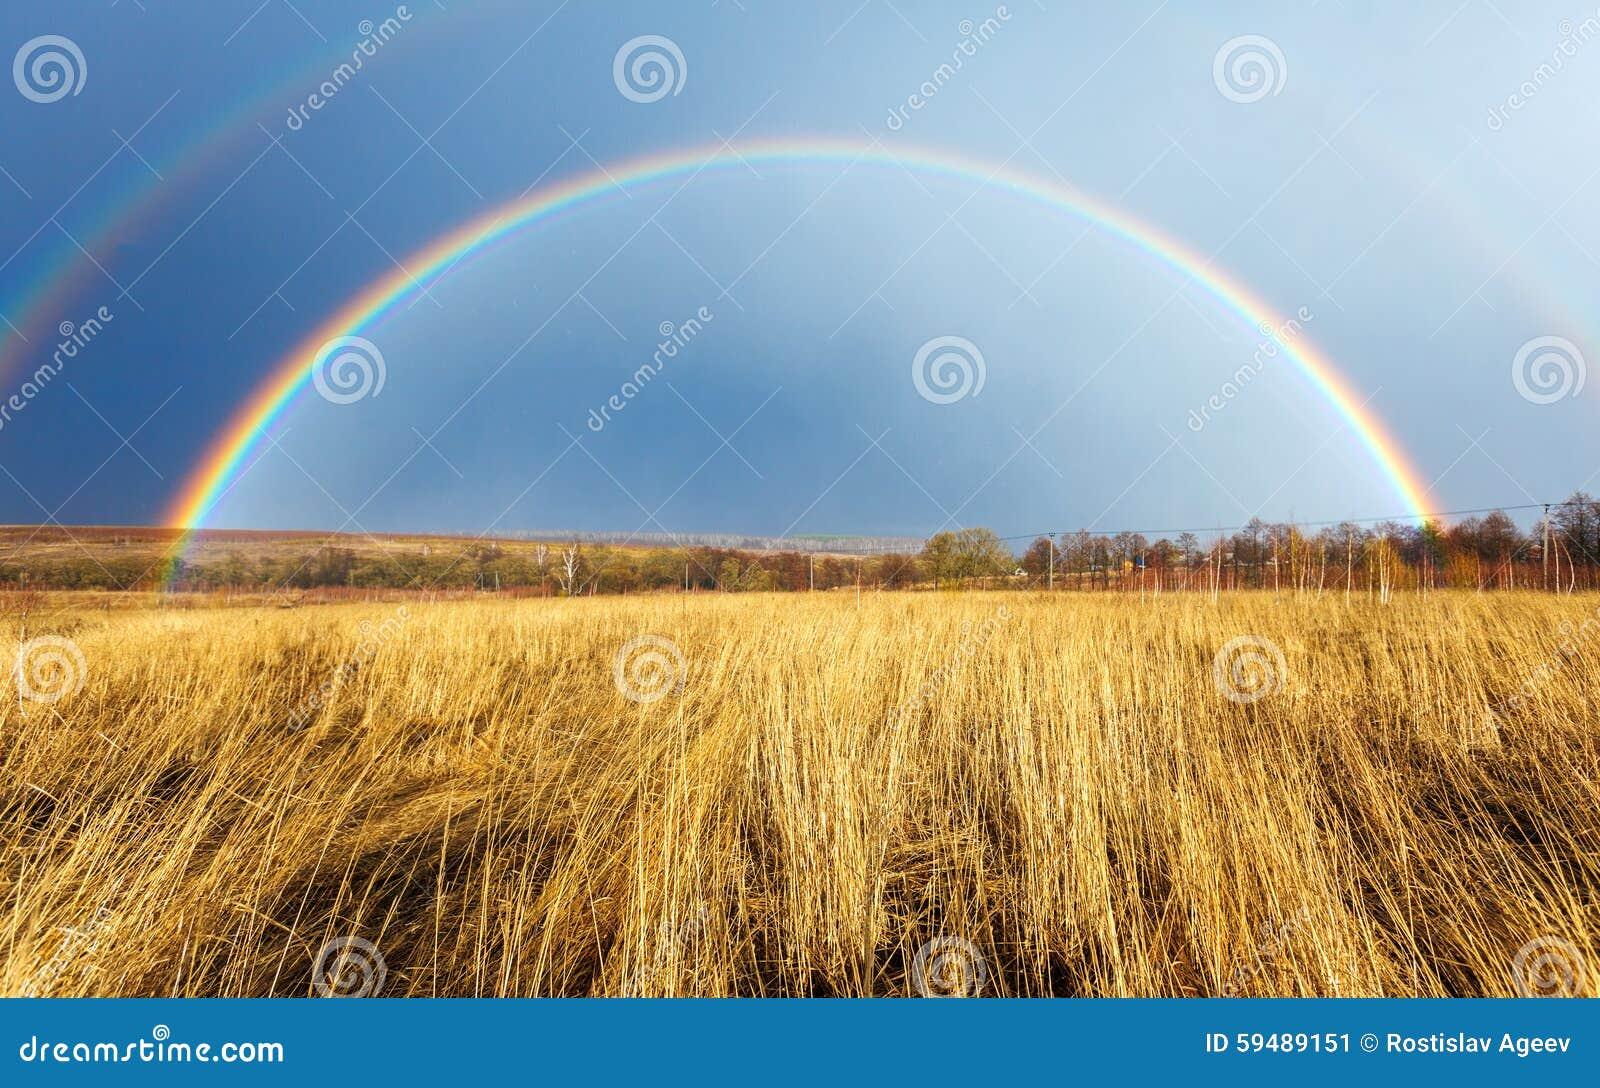 Όμορφο πλήρες ουράνιο τόξο επάνω από τον αγροτικό τομέα στην άνοιξη